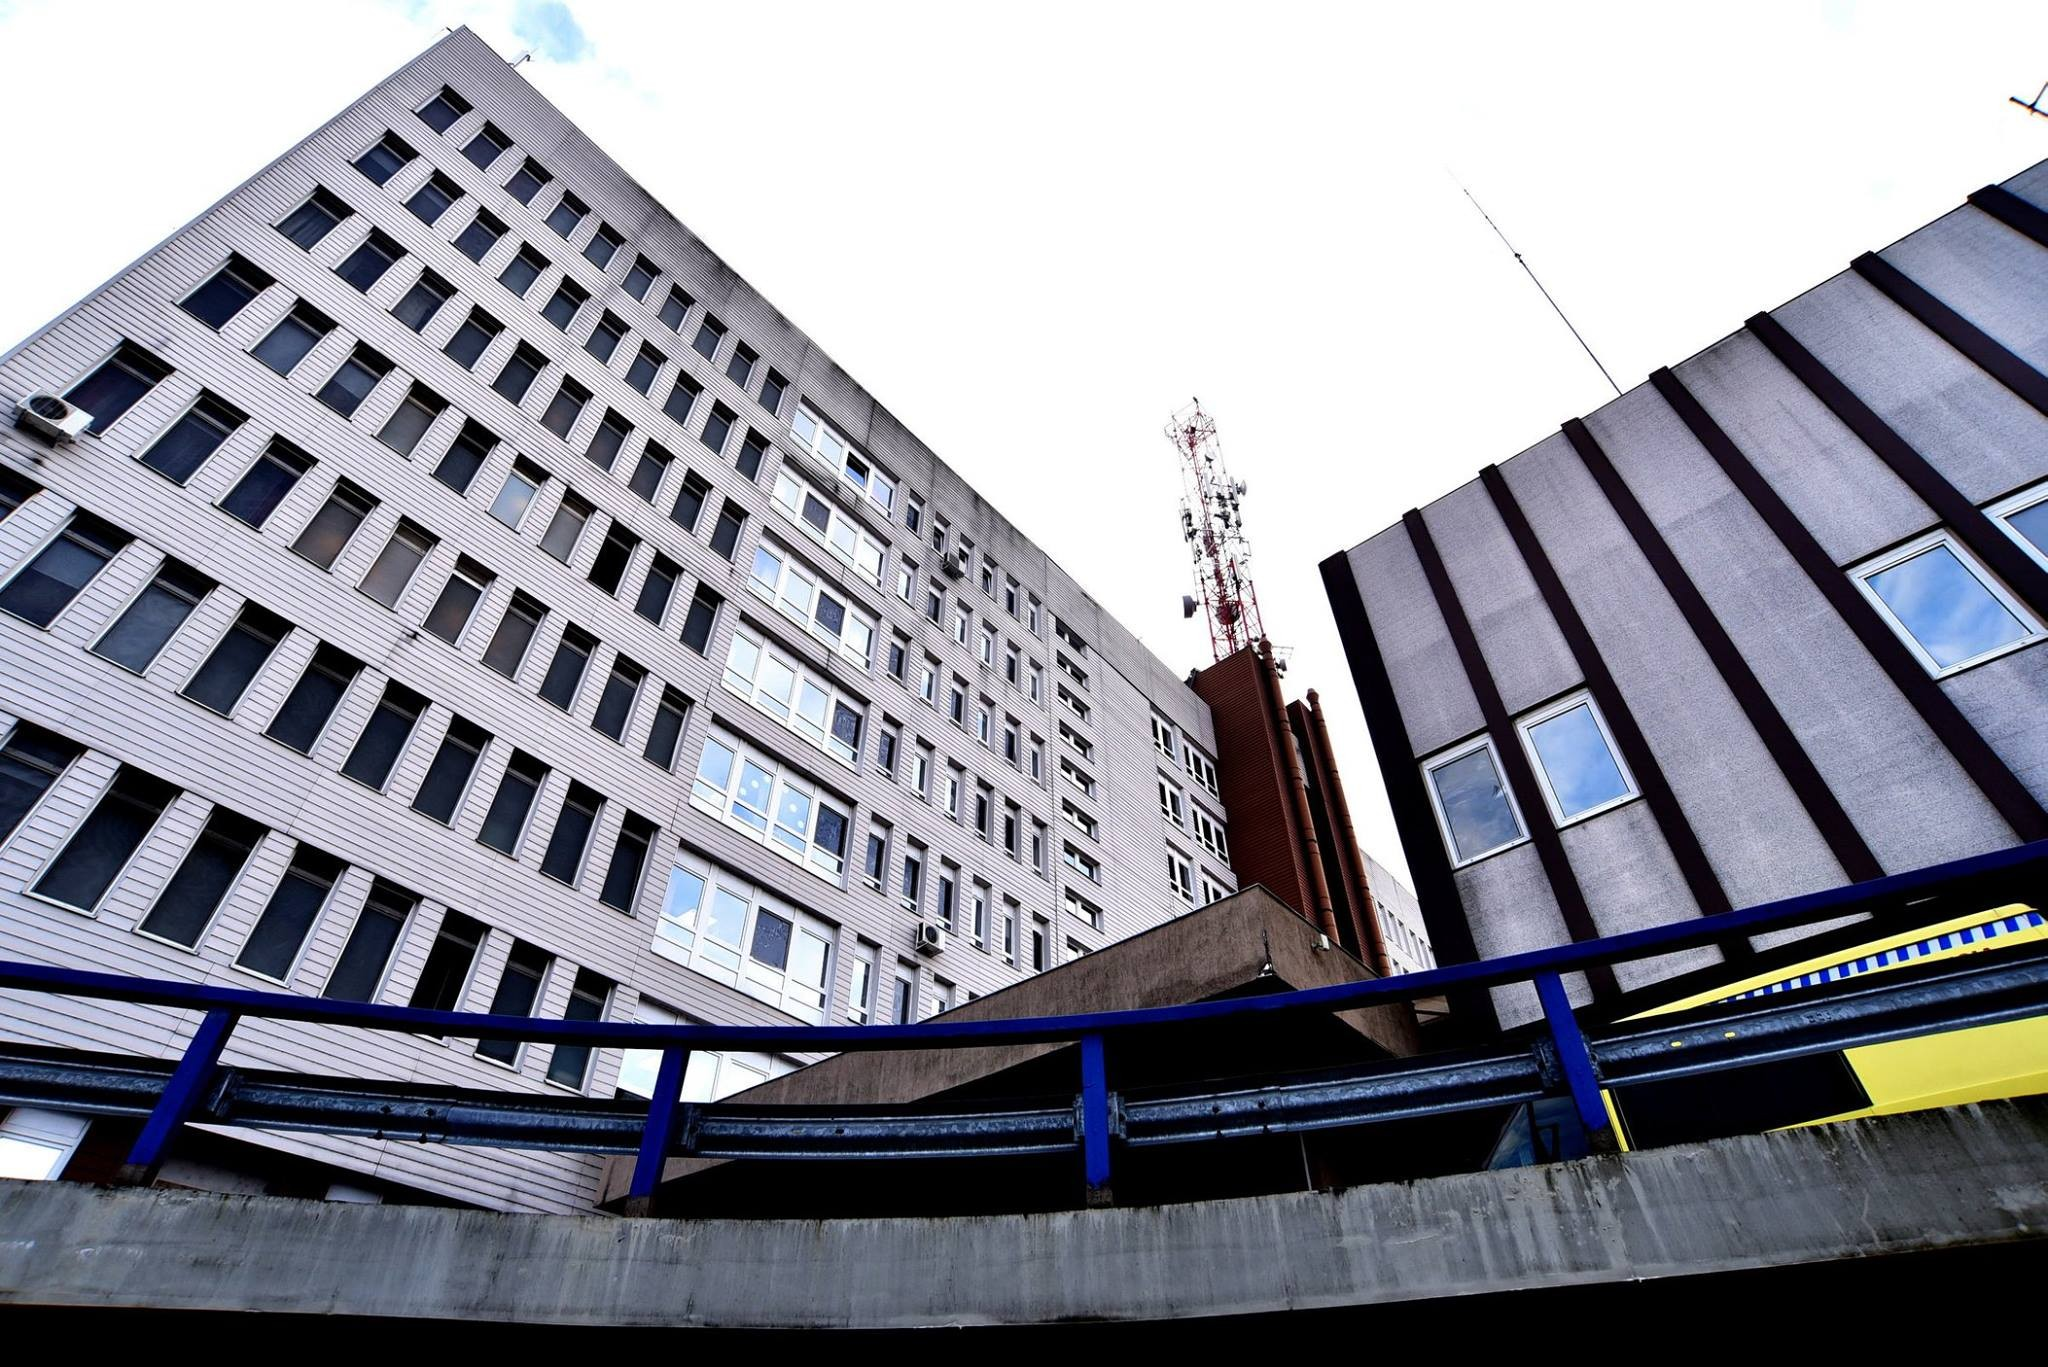 Átfogó korszerűsítés kezdődik a ceglédi Toldy Ferenc Kórházban